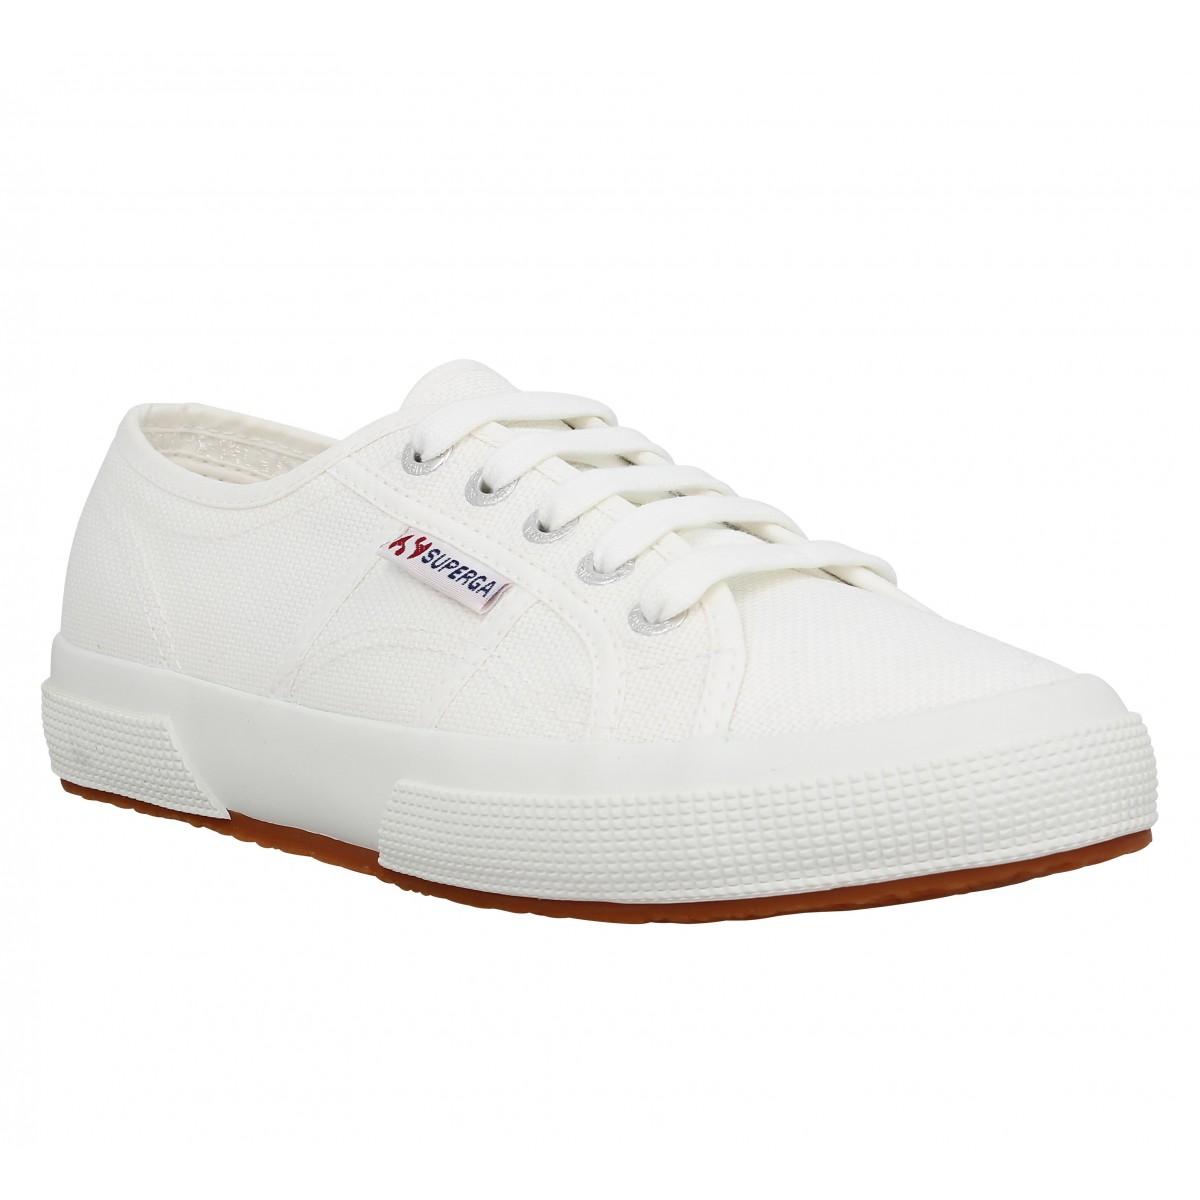 Superga Marque 2750 Femme-35-blanc